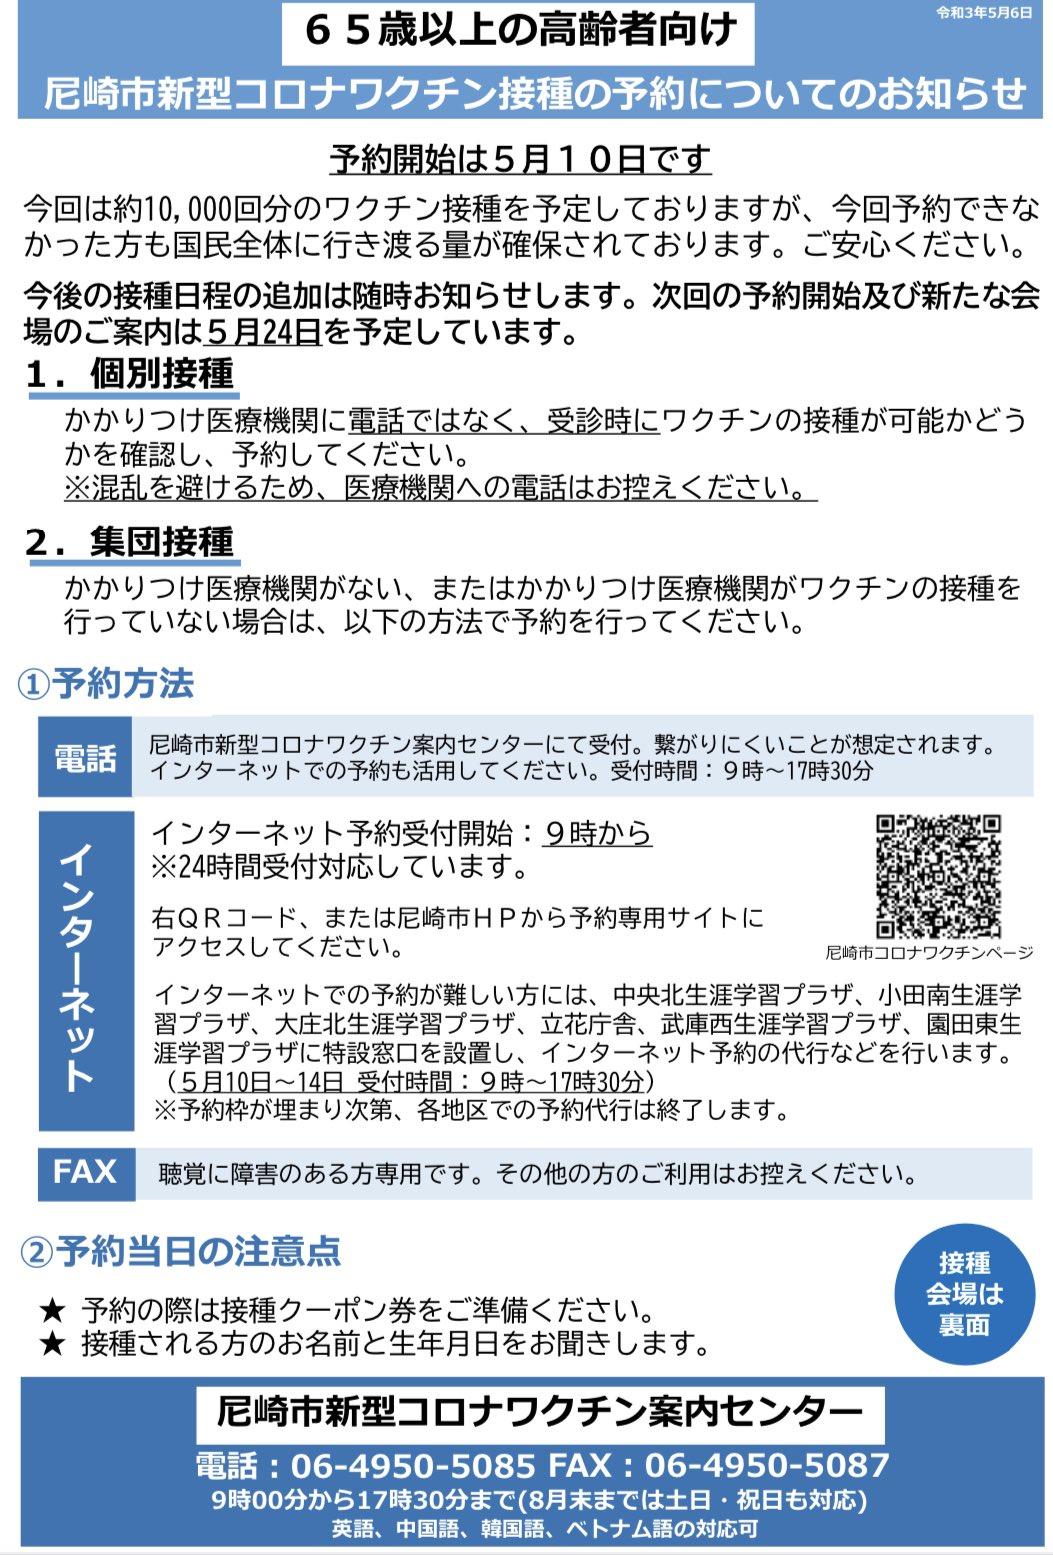 尼崎市のコロナワクチン接種について